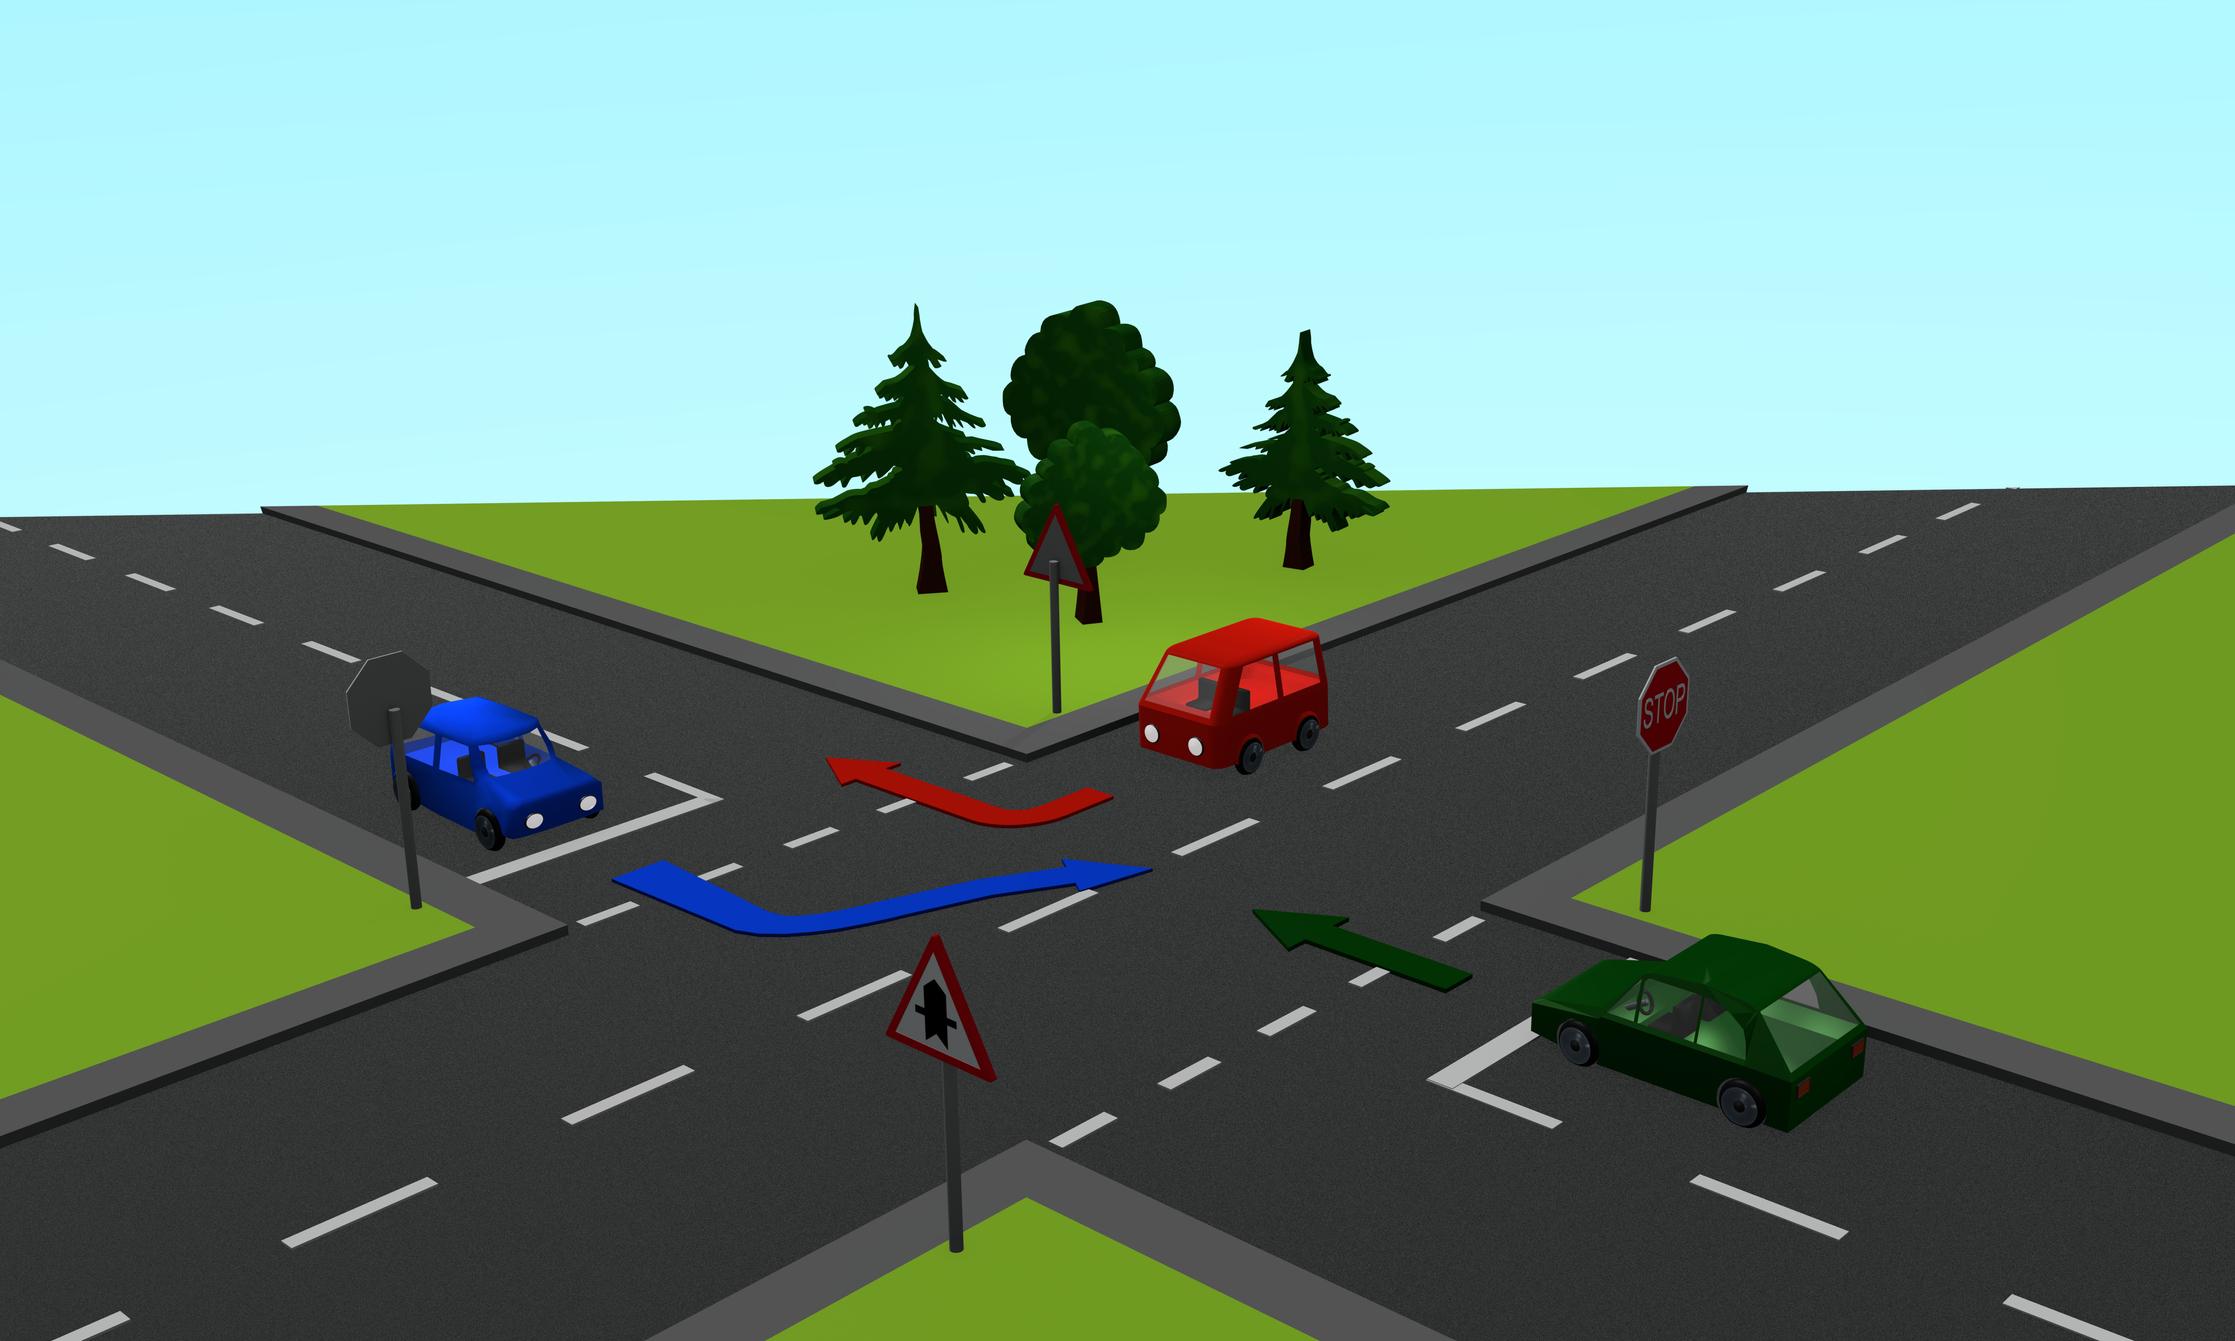 Mi a helyes haladási sorrend, ha a Z a zöld, a P a piros, a K a kék autót jelzi?